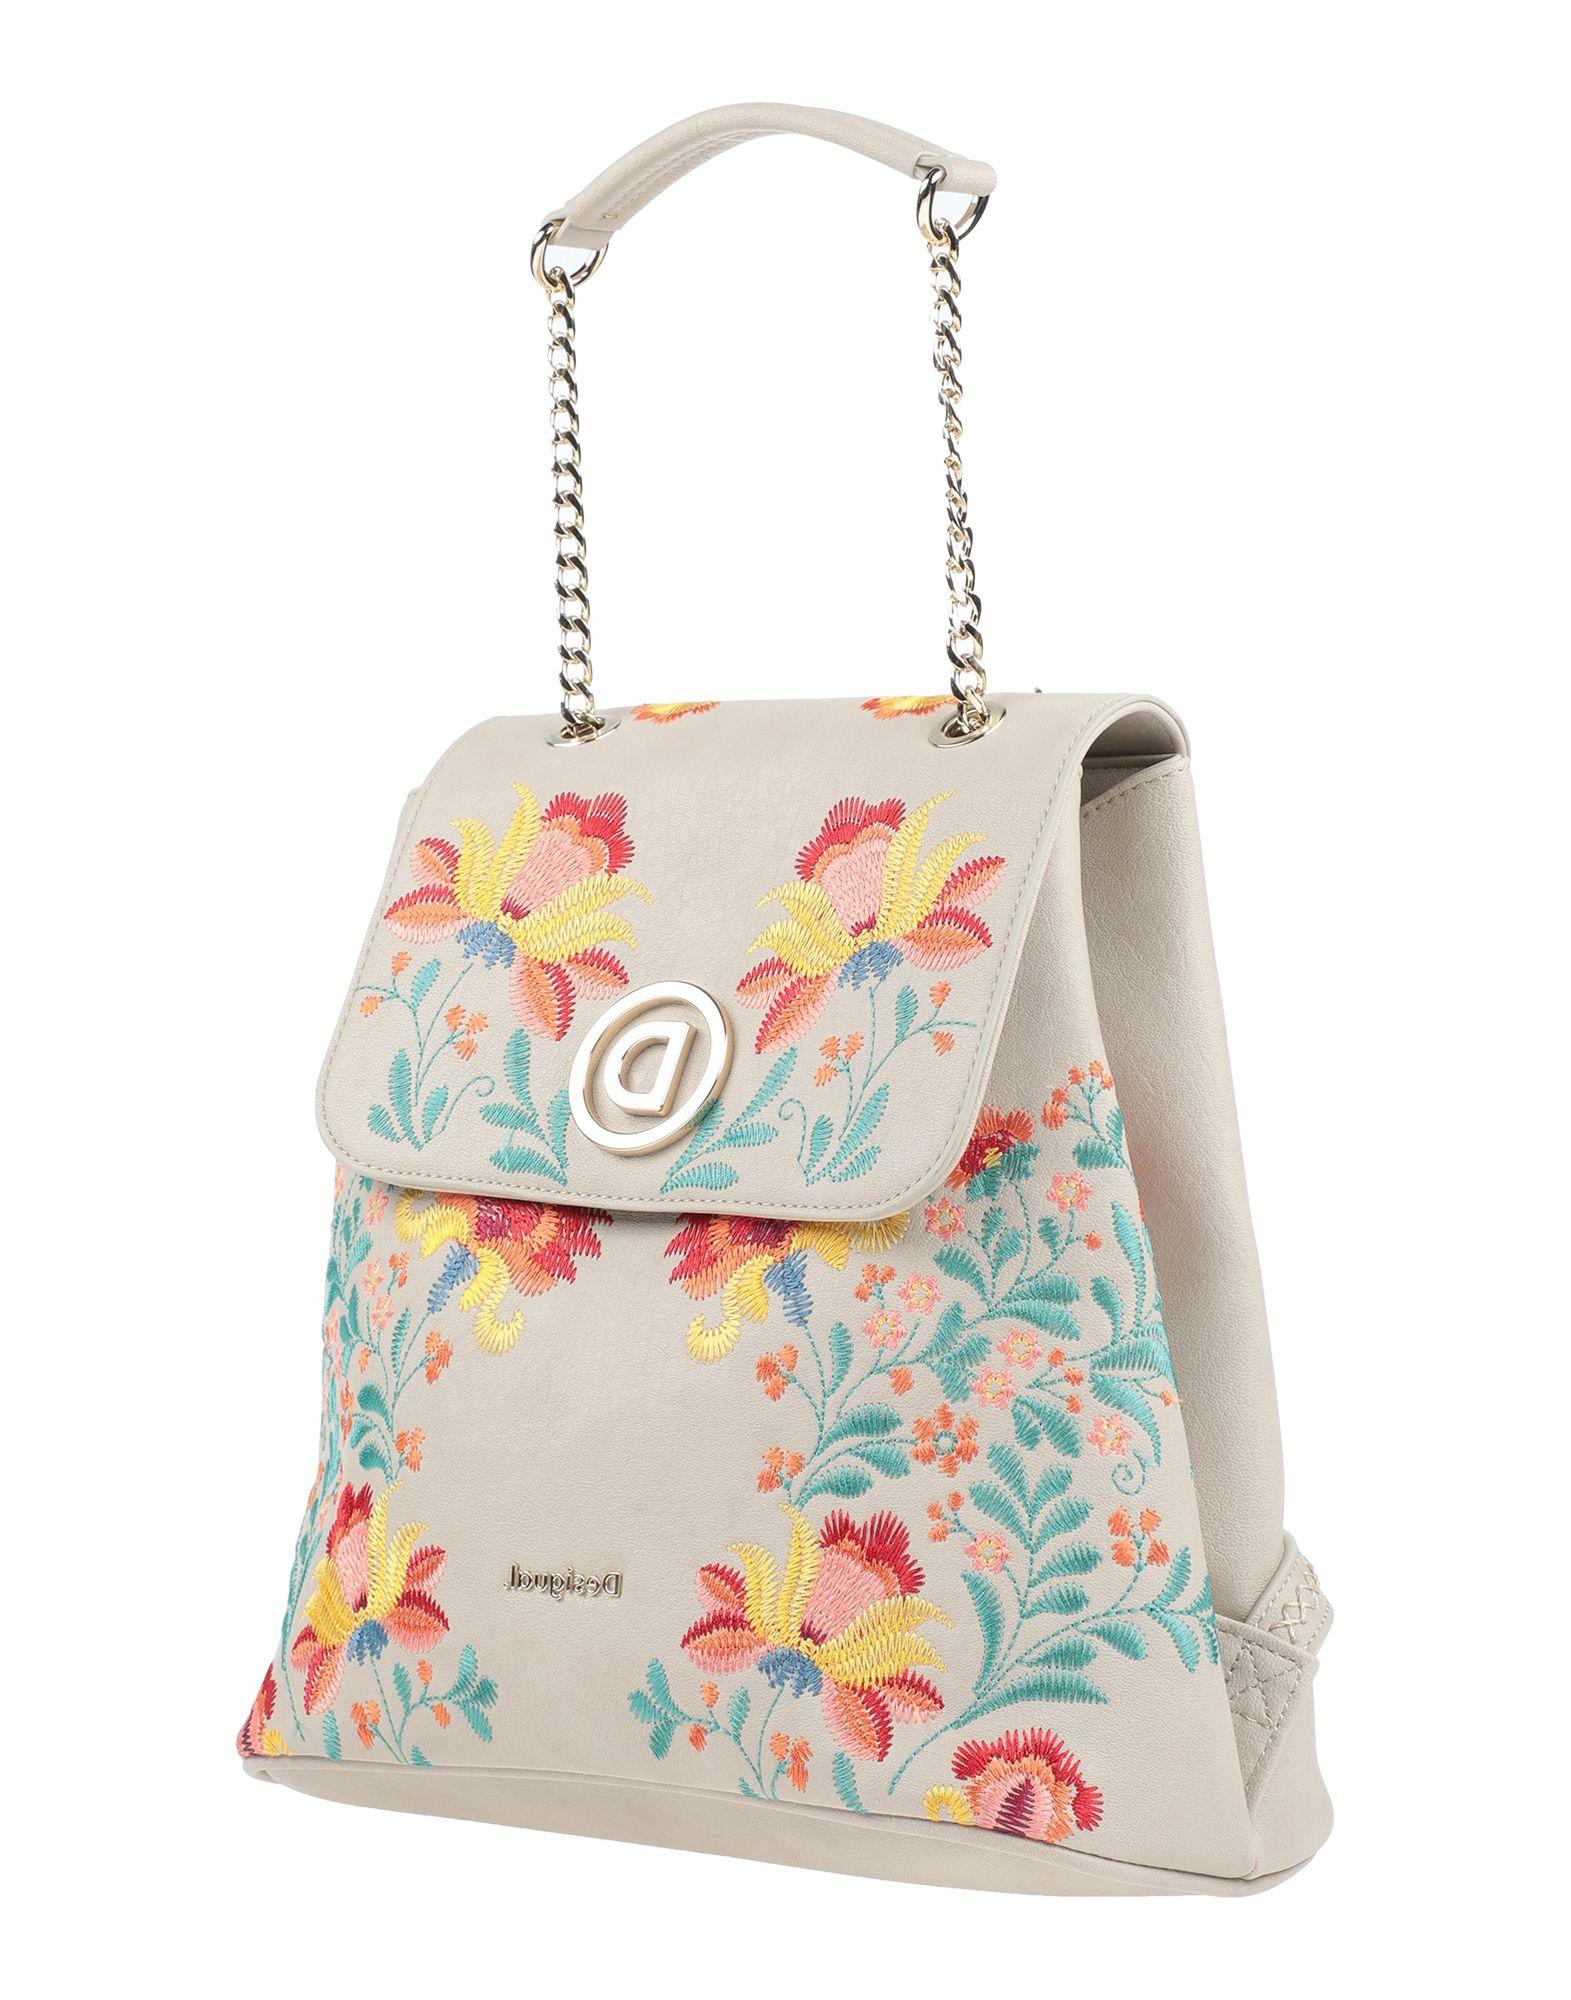 DESIGUAL Рюкзаки и сумки на пояс сумки magnolia сумка женская a761 7363 лак искусственная кожа page 8